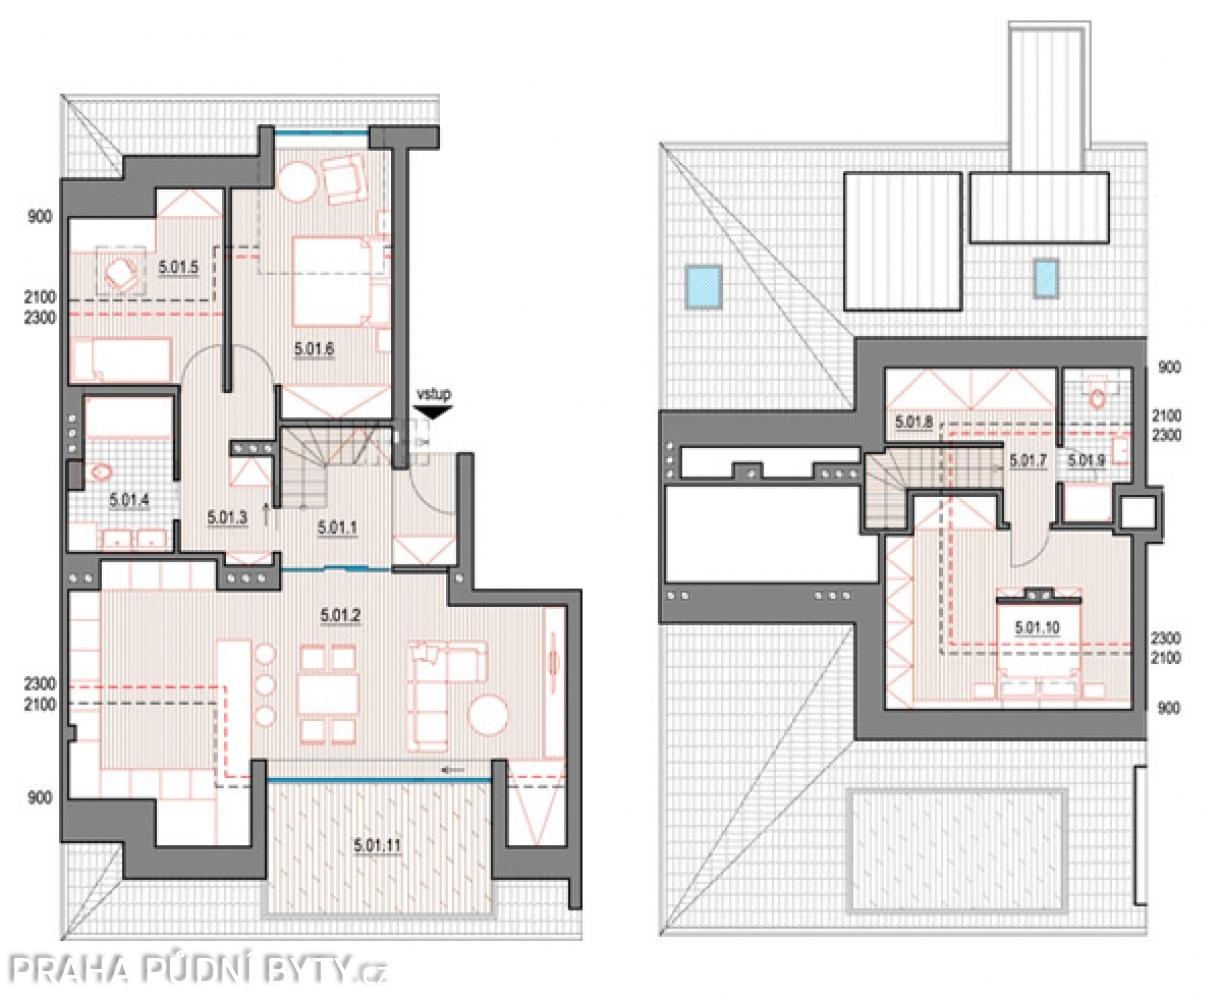 Půdorys - Půdní byt 4+kk, plocha 137 m², ulice Nad Závěrkou, Praha 6 - Břevnov